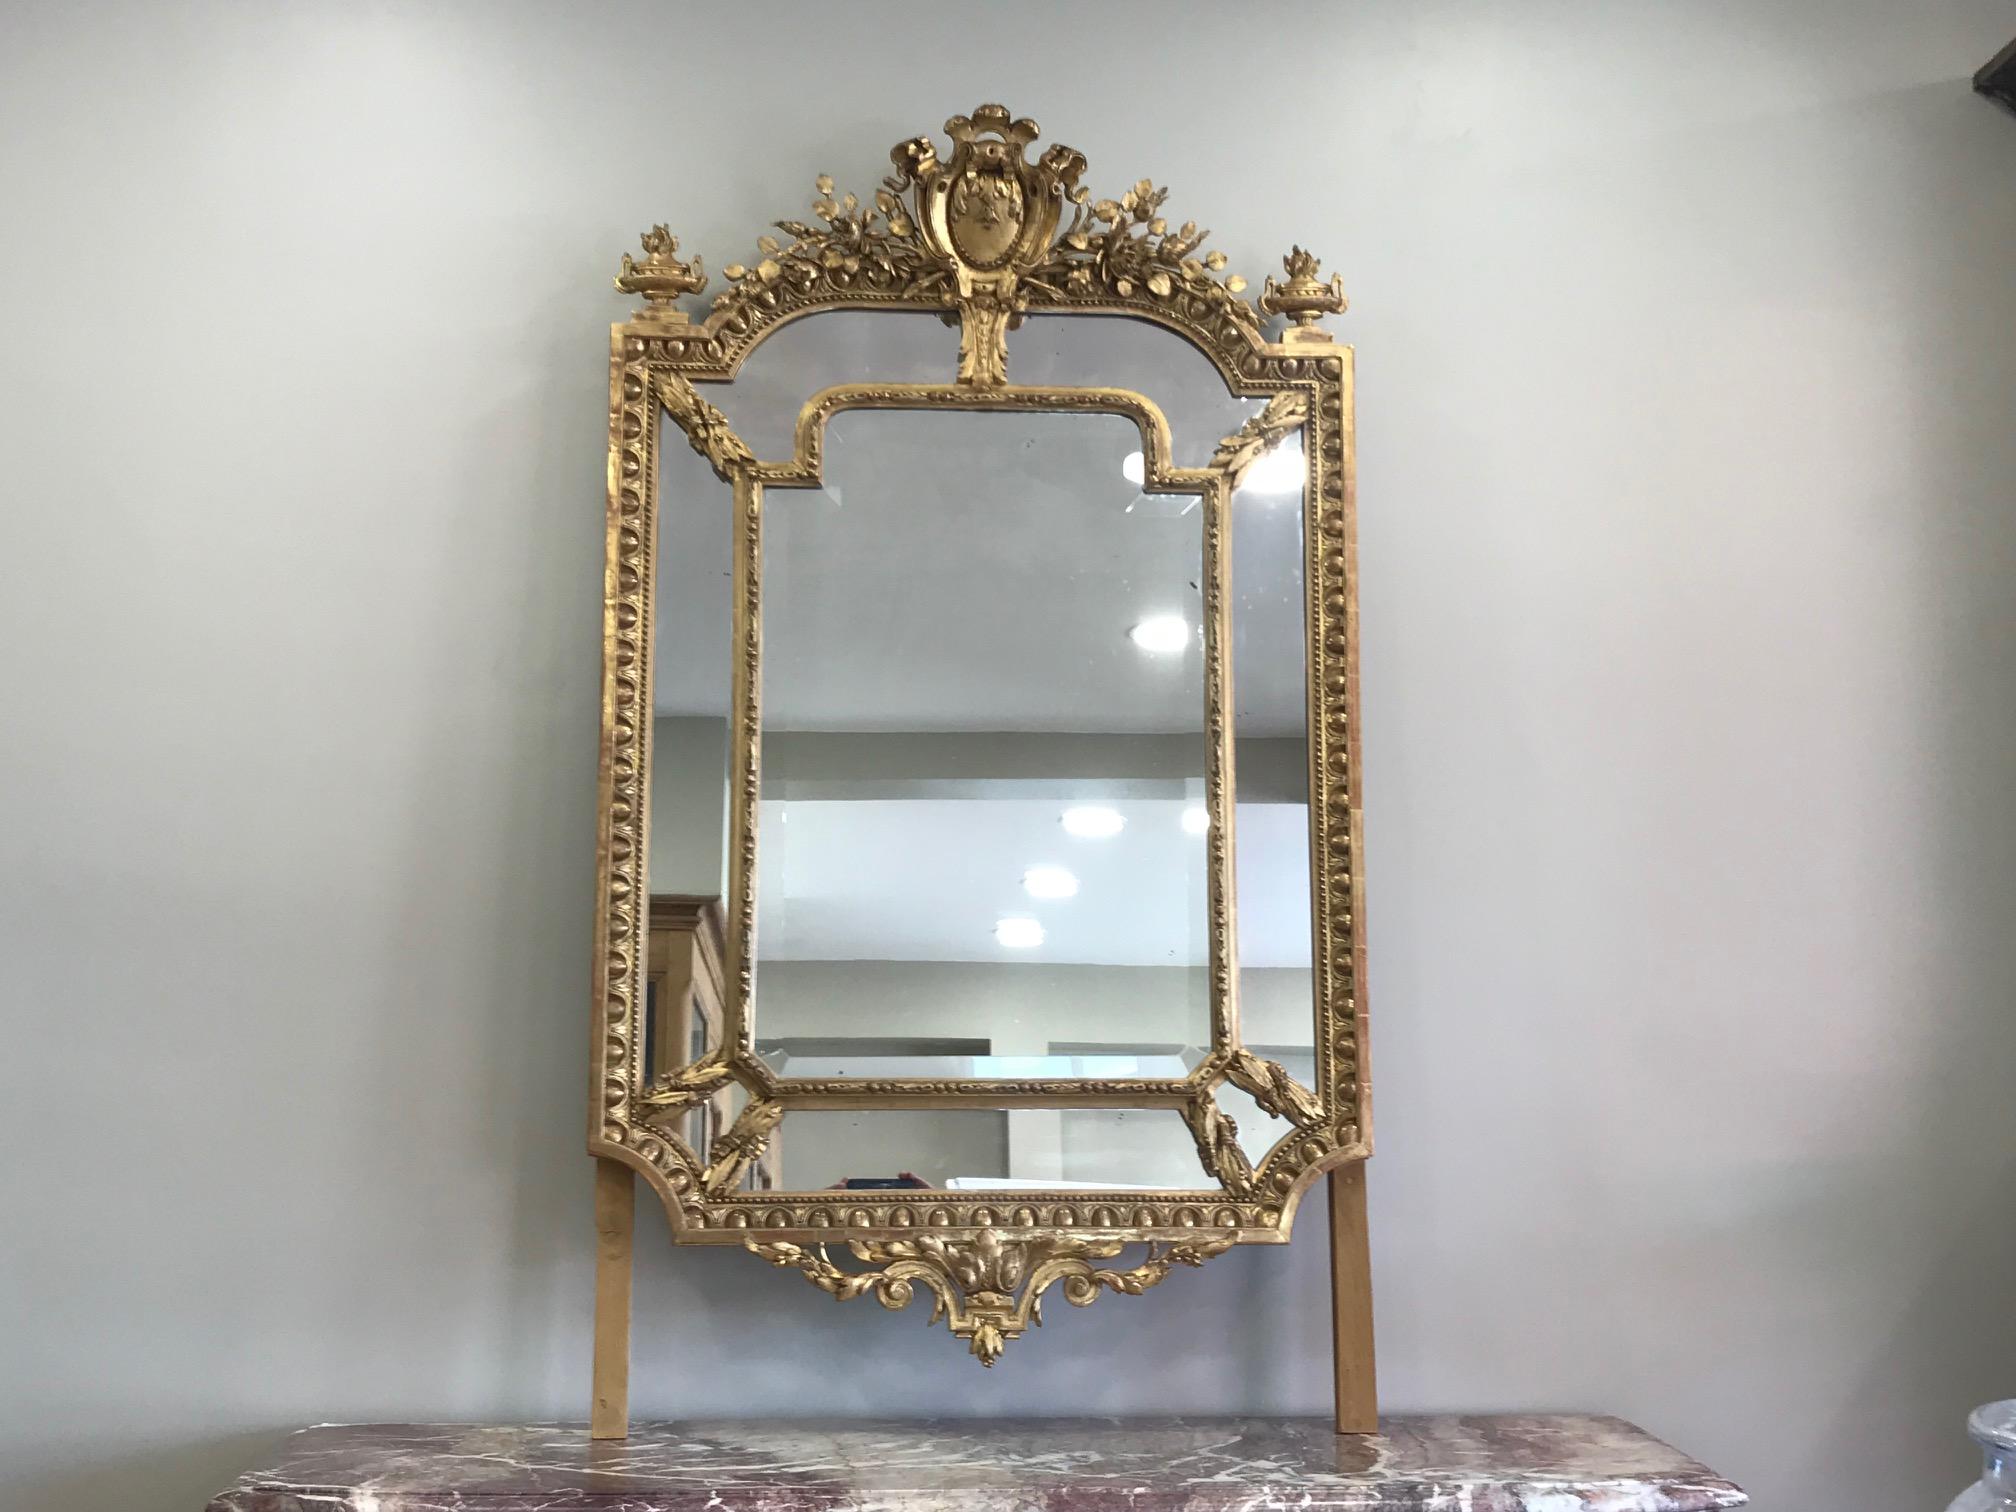 Beau Miroir Ancien Au Mercure De Style Louis Xvi A Parecloses Datant De La Fin Du Xixeme Siecle Cheminees Camus Fils